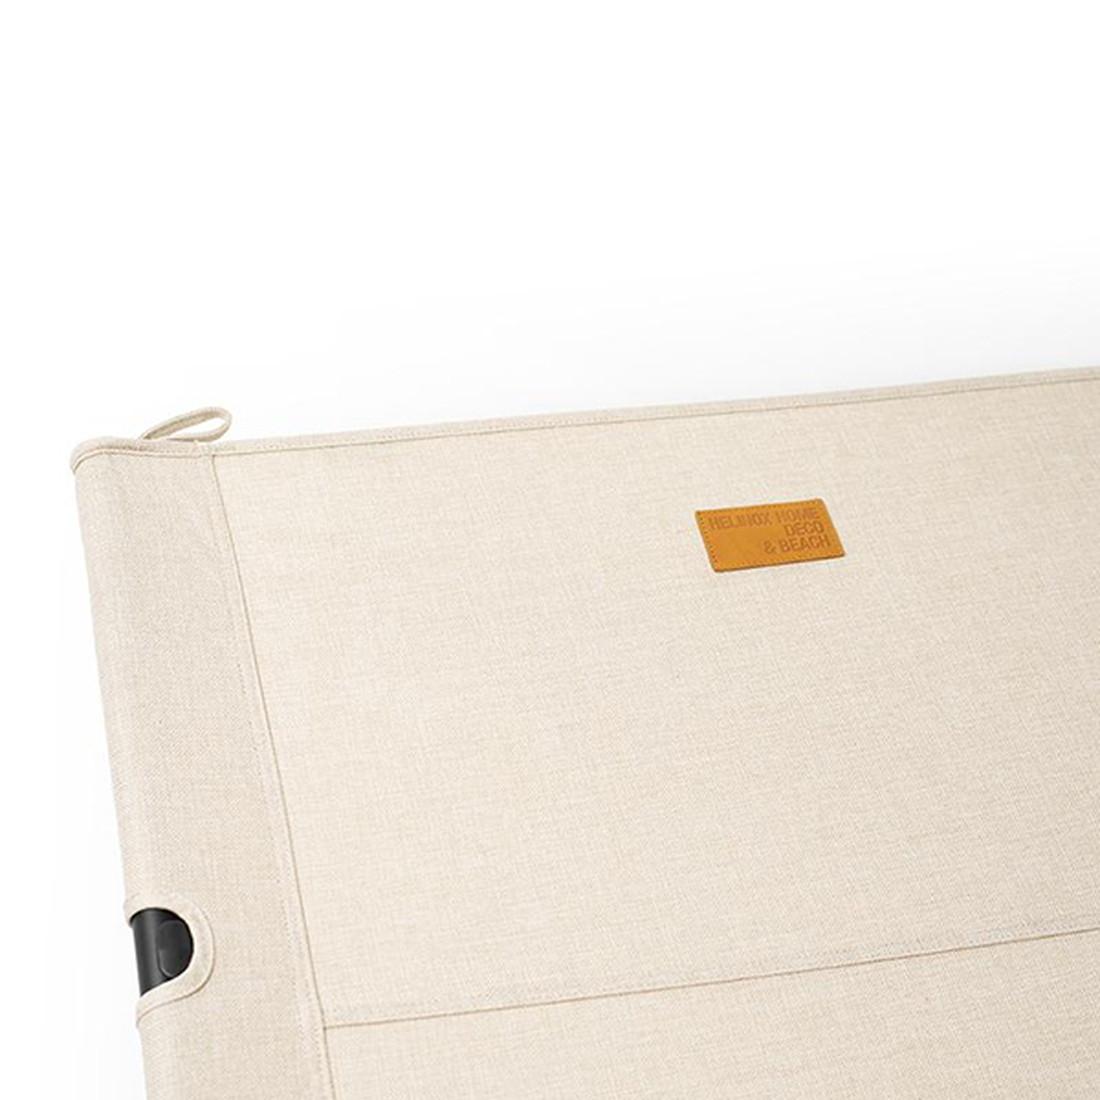 ヘリノックス ホーム コットホーム コンパクト収納 簡易ベット  国内正規品